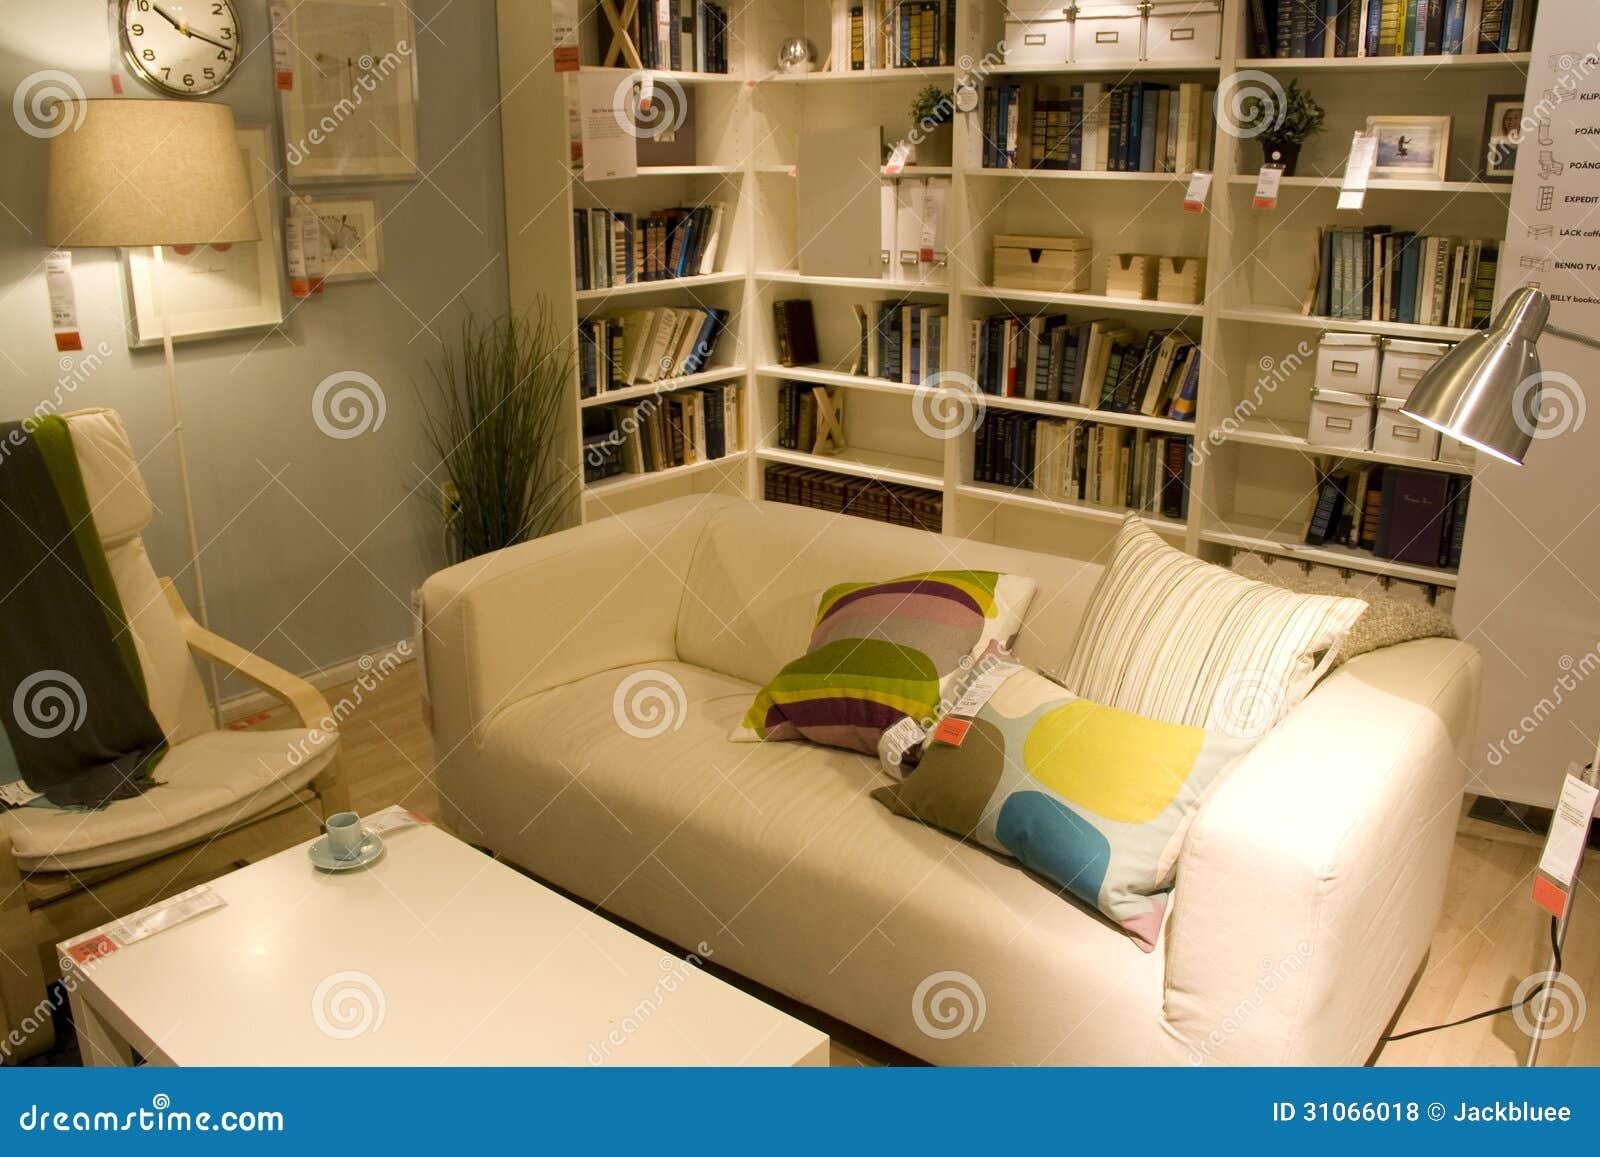 Negozio Di Mobili Fotografia Stock Editoriale - Immagine: 31066018